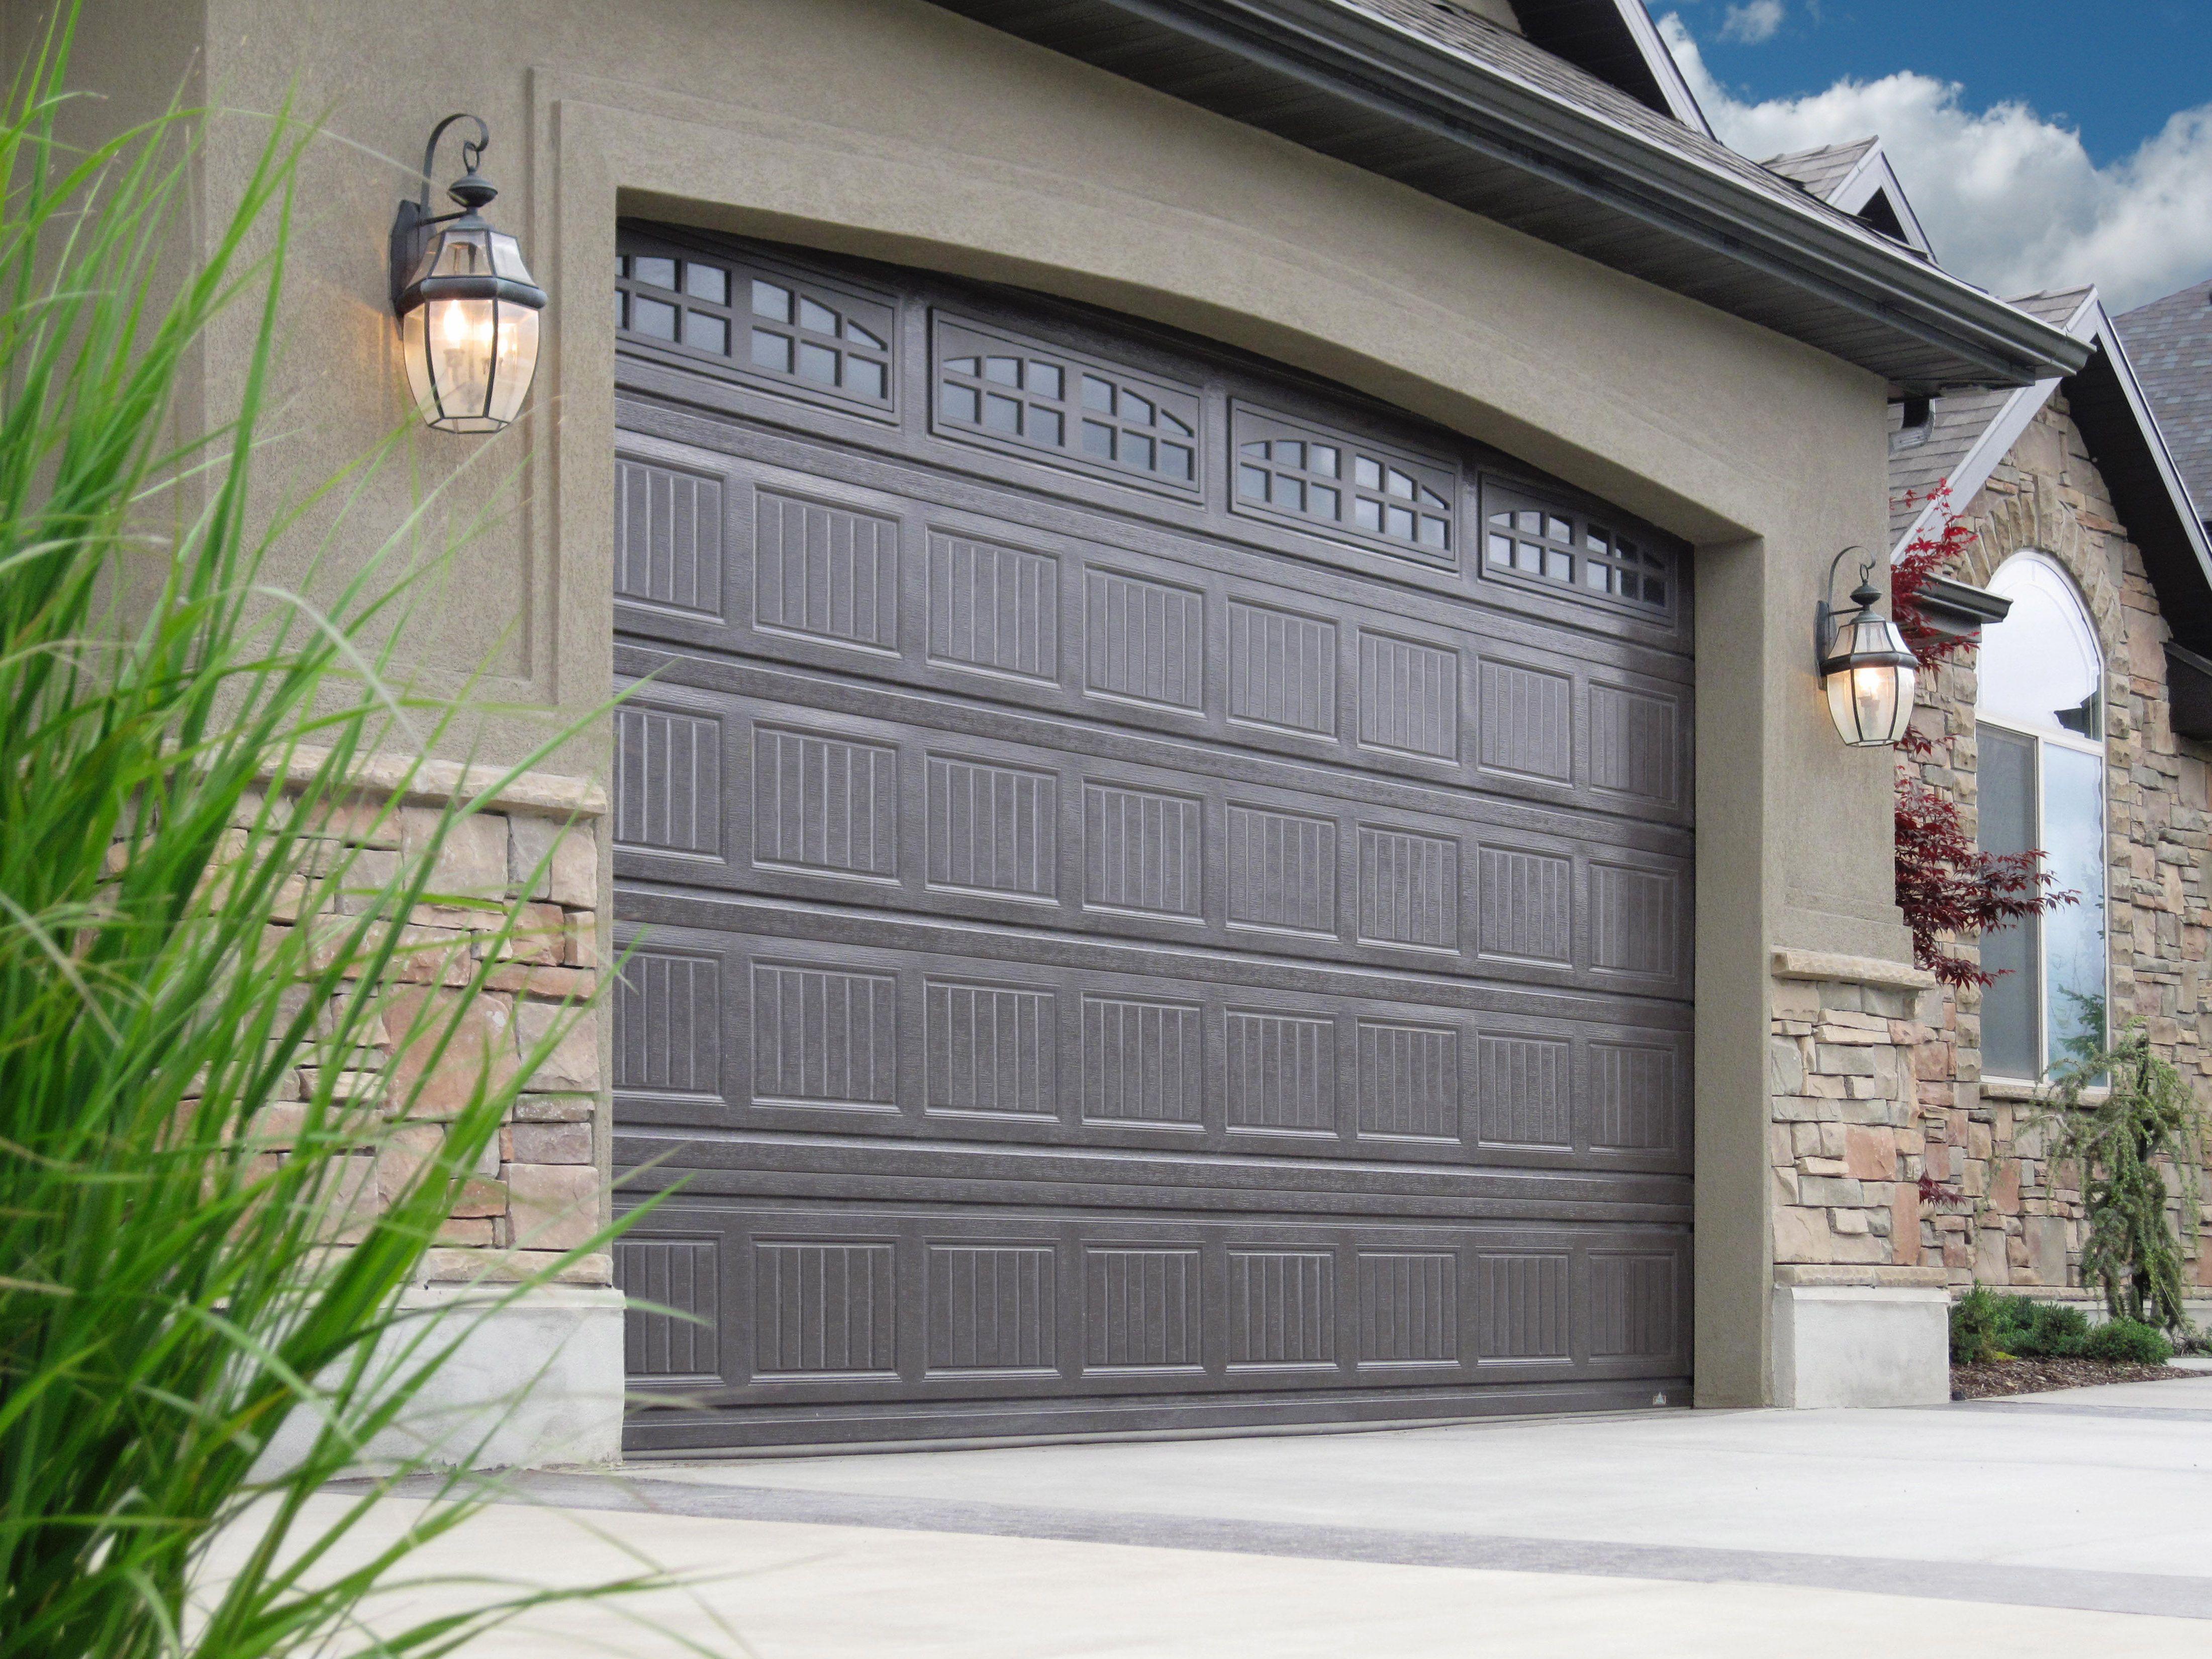 s replacement l service greater doors door garage repair austin